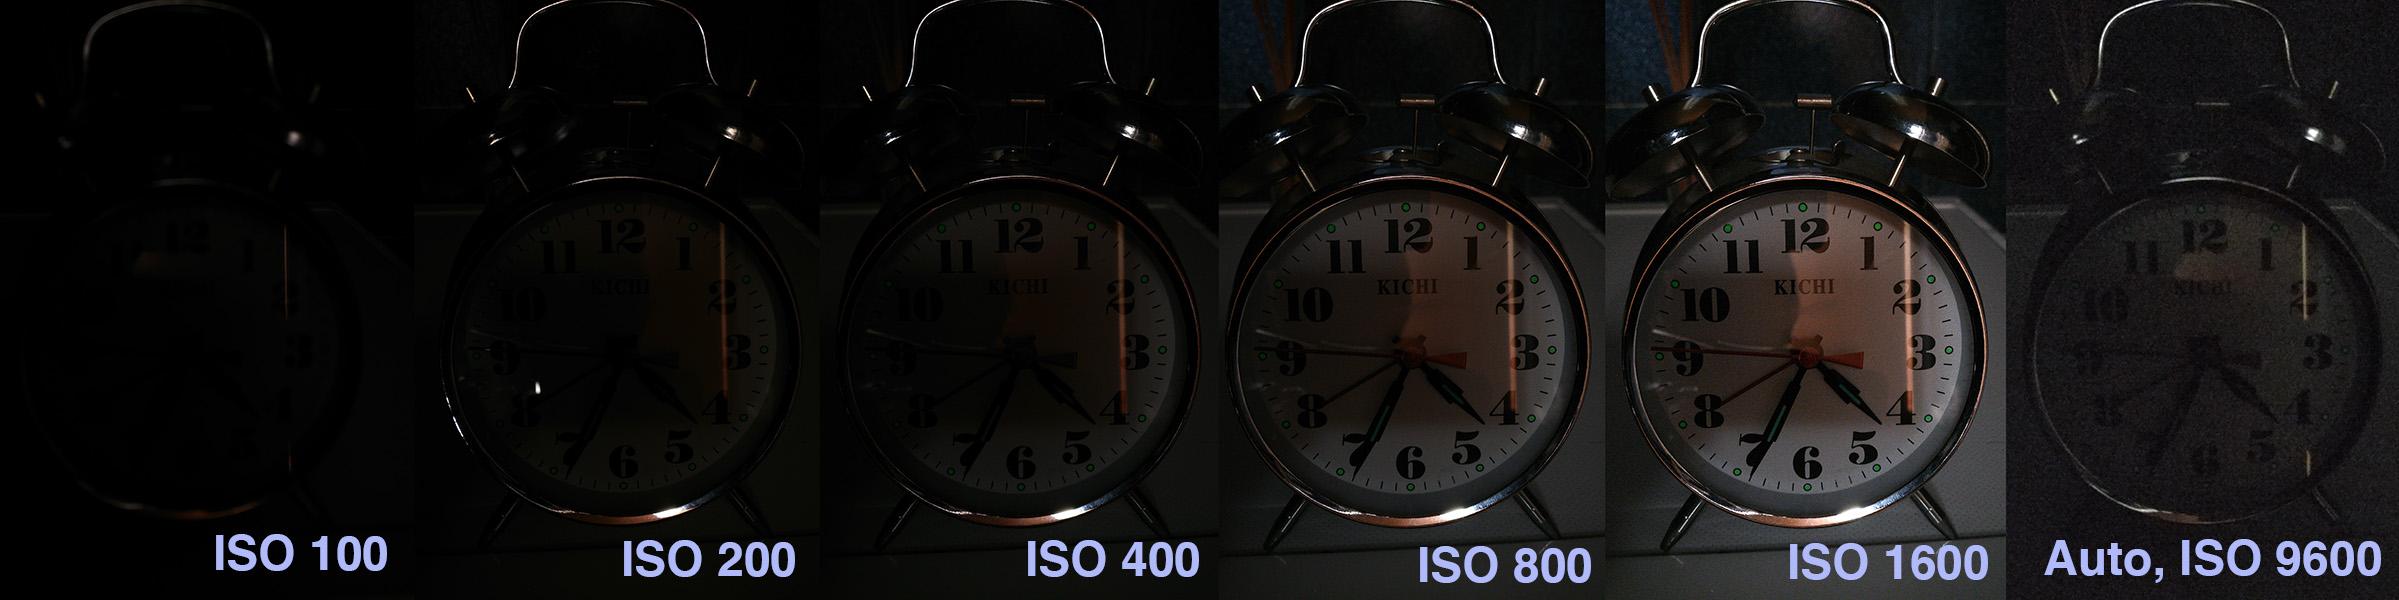 Тест ISO камеры OnePlus 3